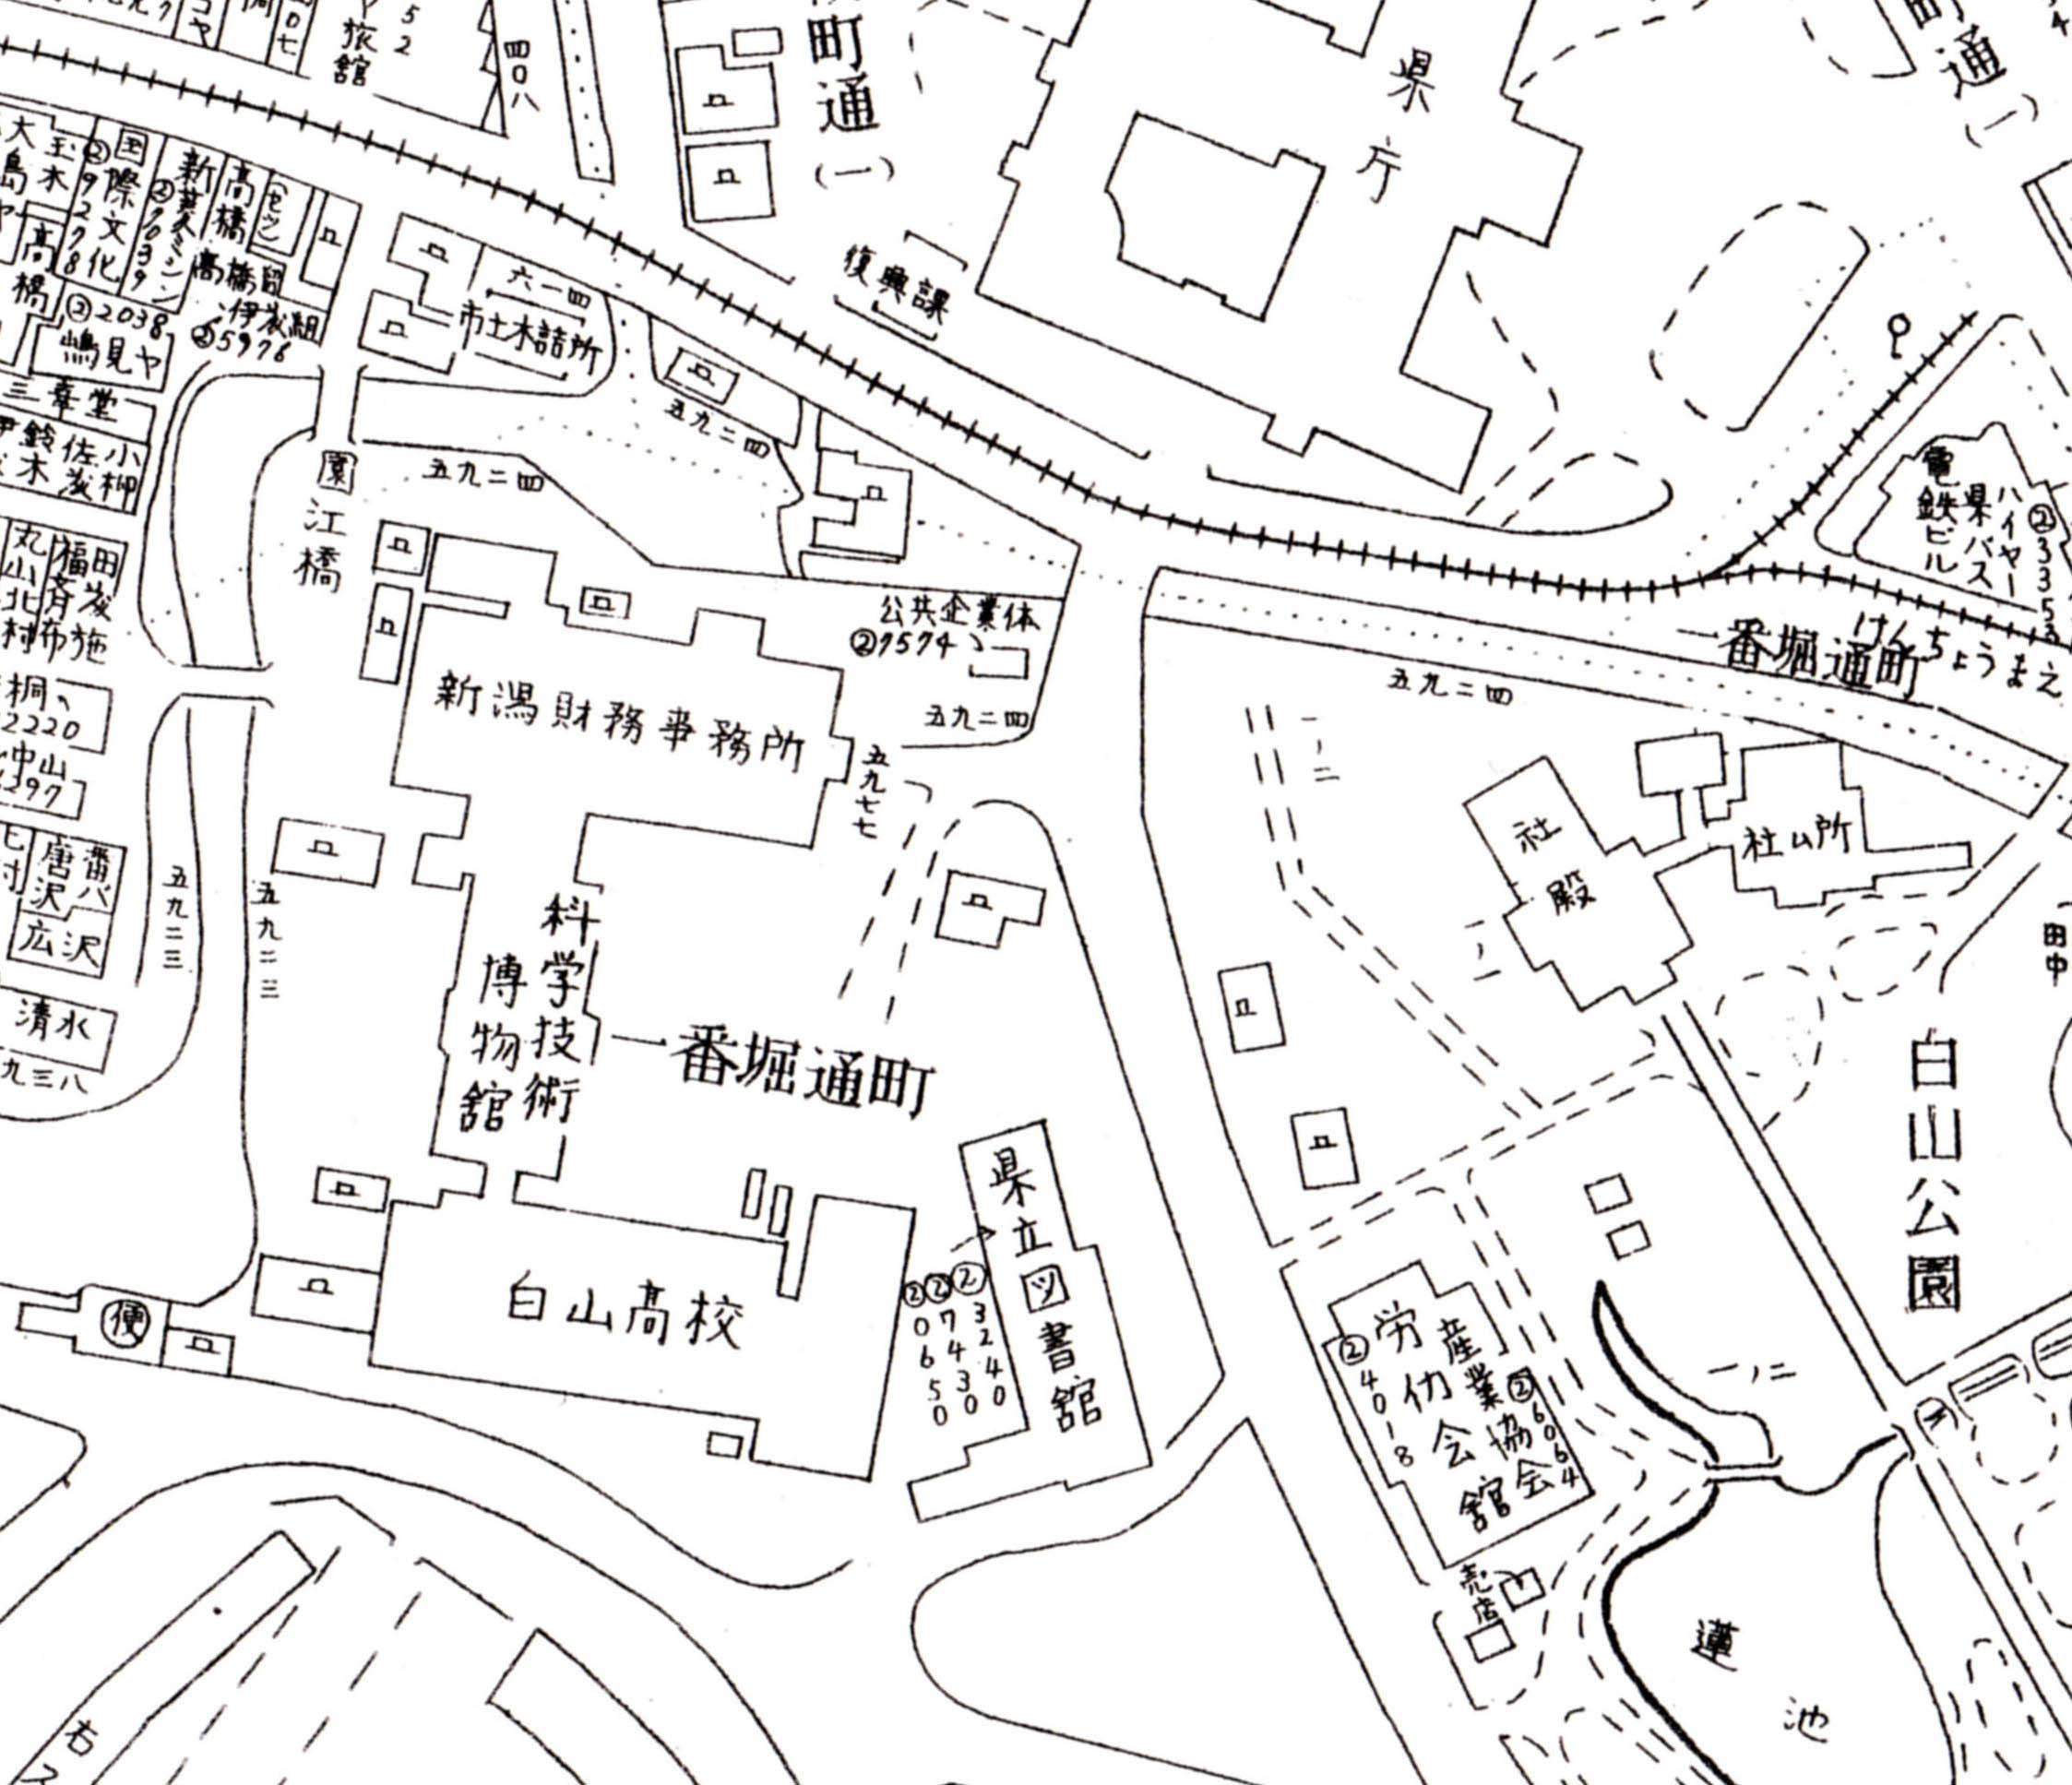 新潟電鉄物語の軽金前停留場と塩の橋・・・・・・_d0178825_18235876.jpg